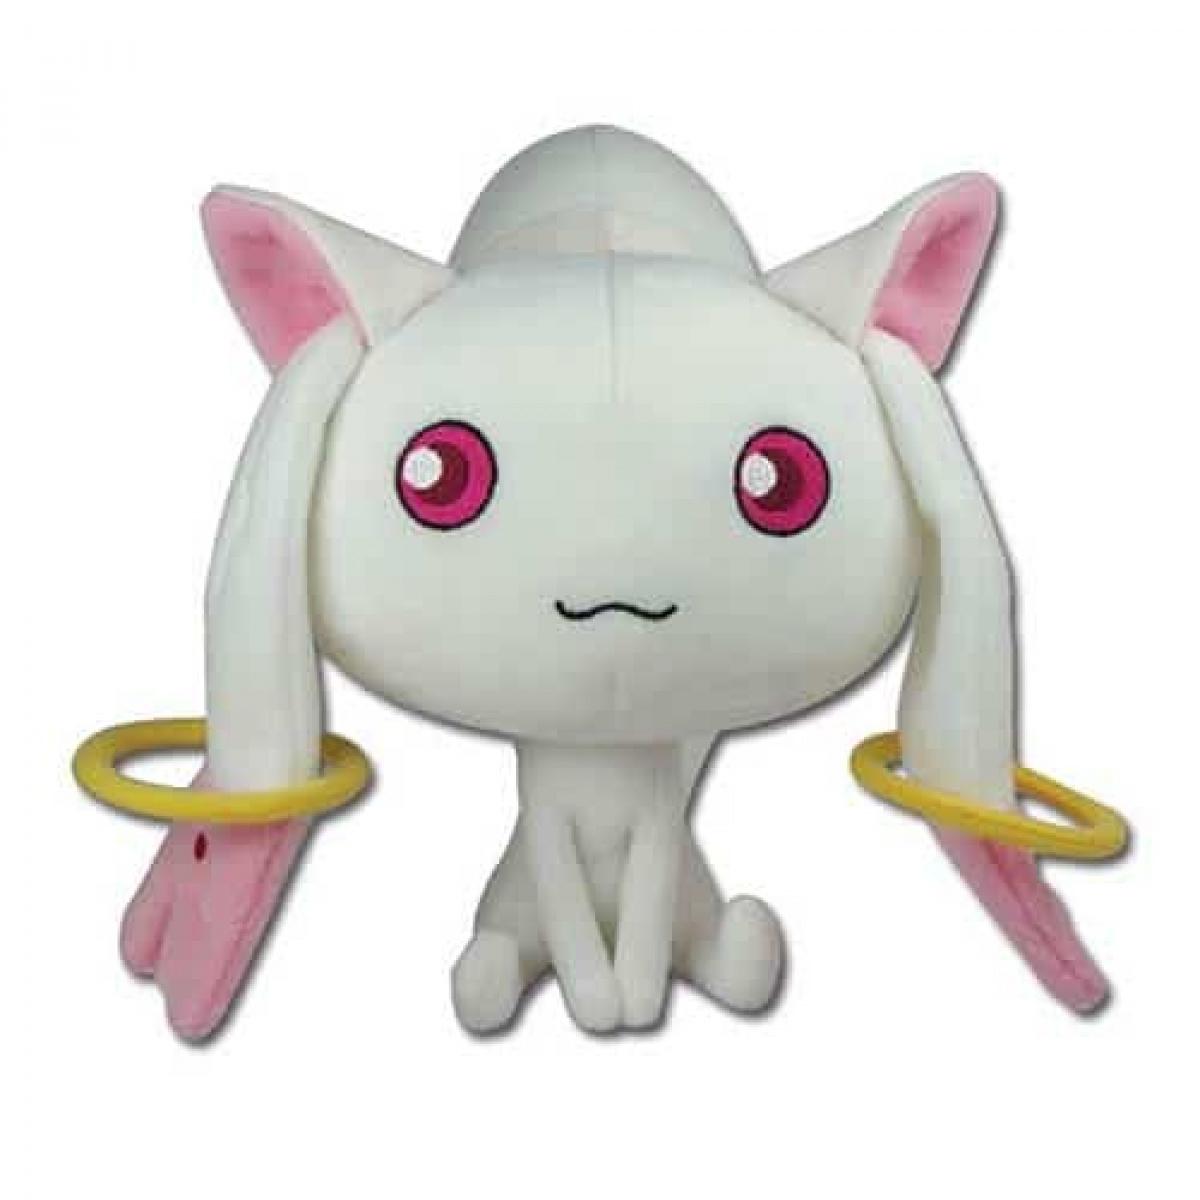 Puella Magi Madoka Magica Kyubey 8″ Plush Anime Plushies 4